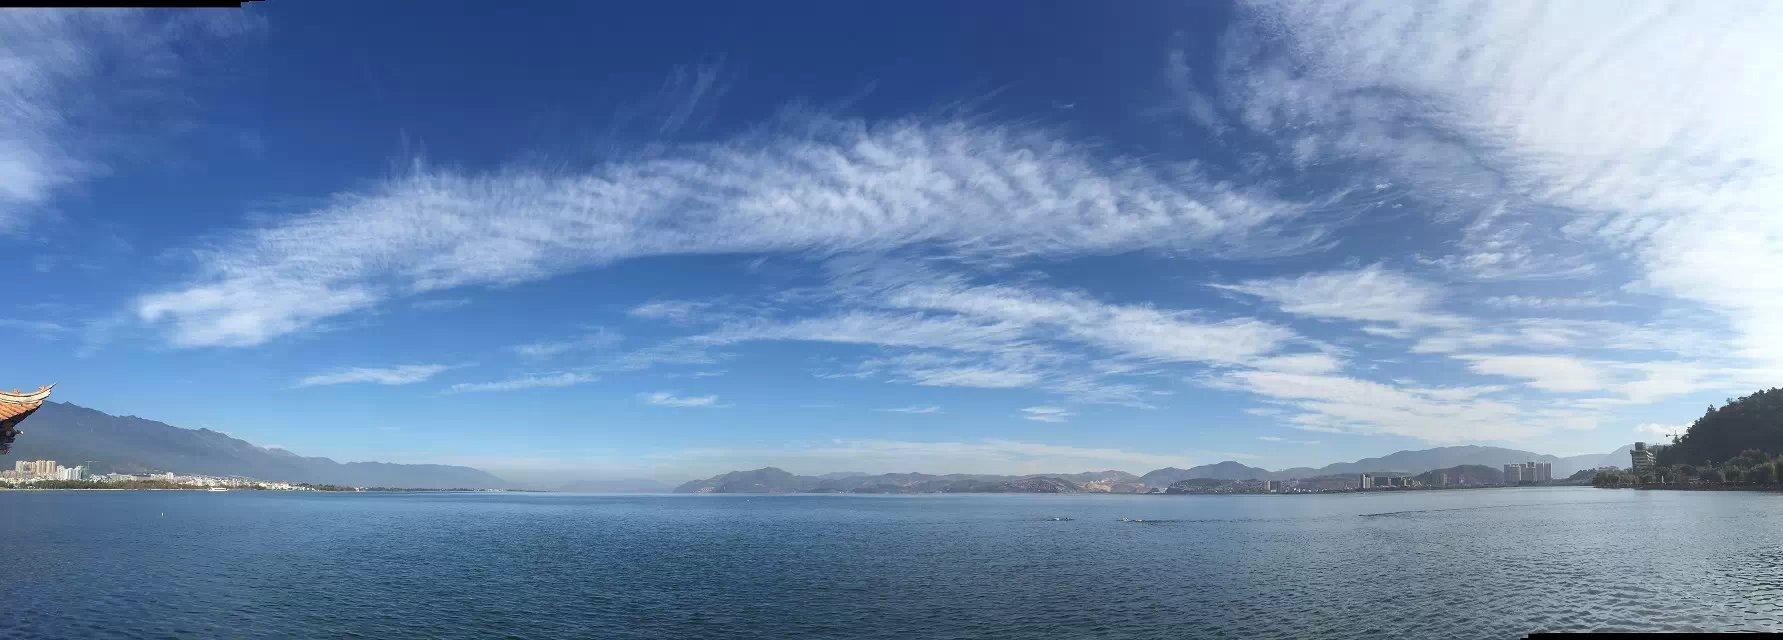 洱海边的美食美景